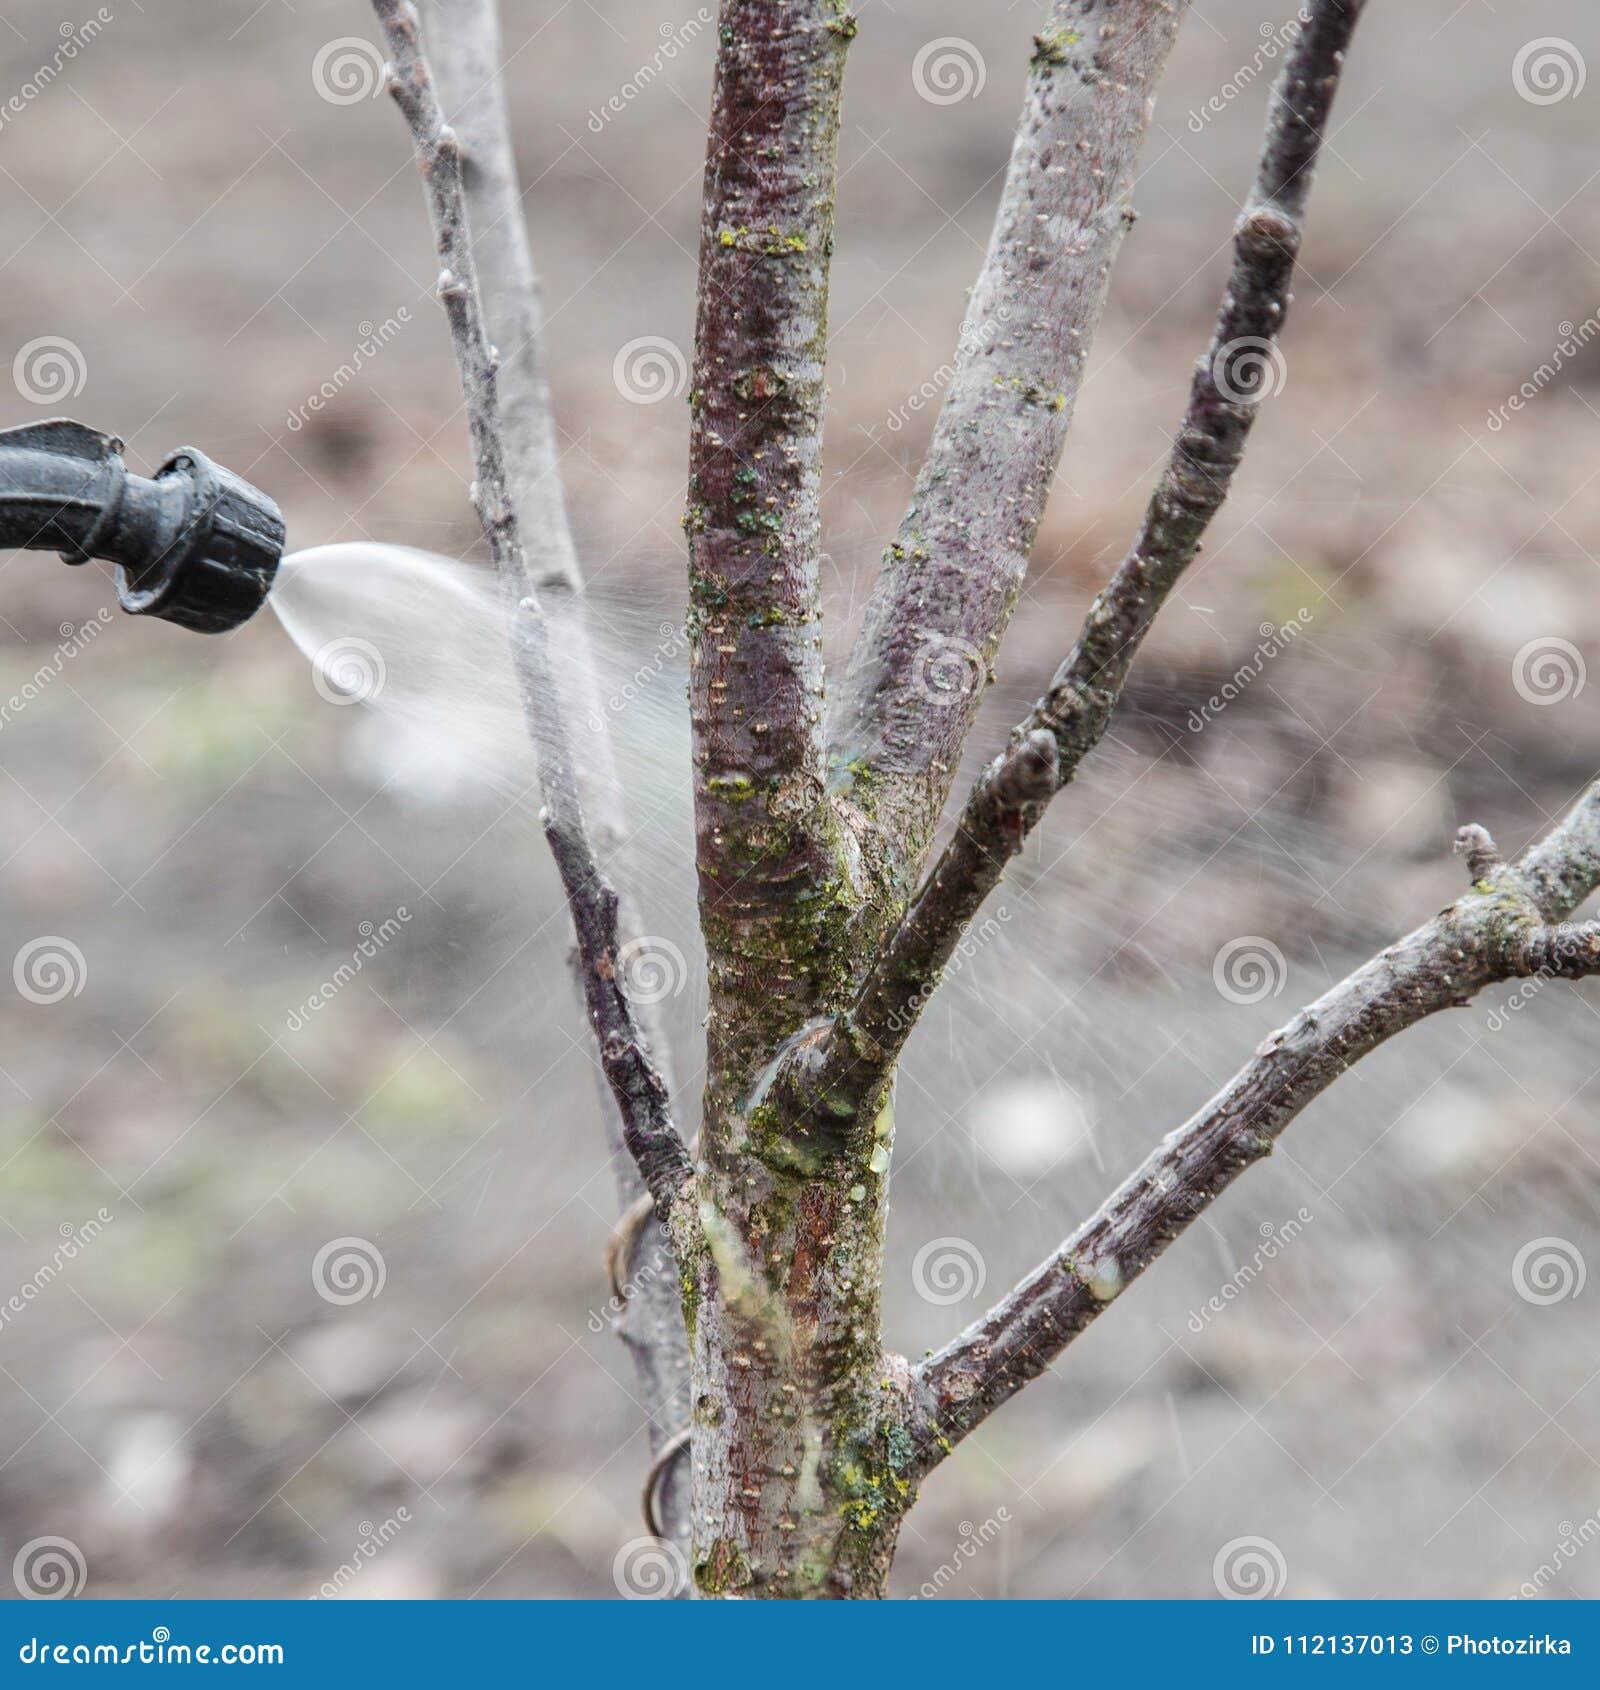 Arrosage des arbres avec du fongicide